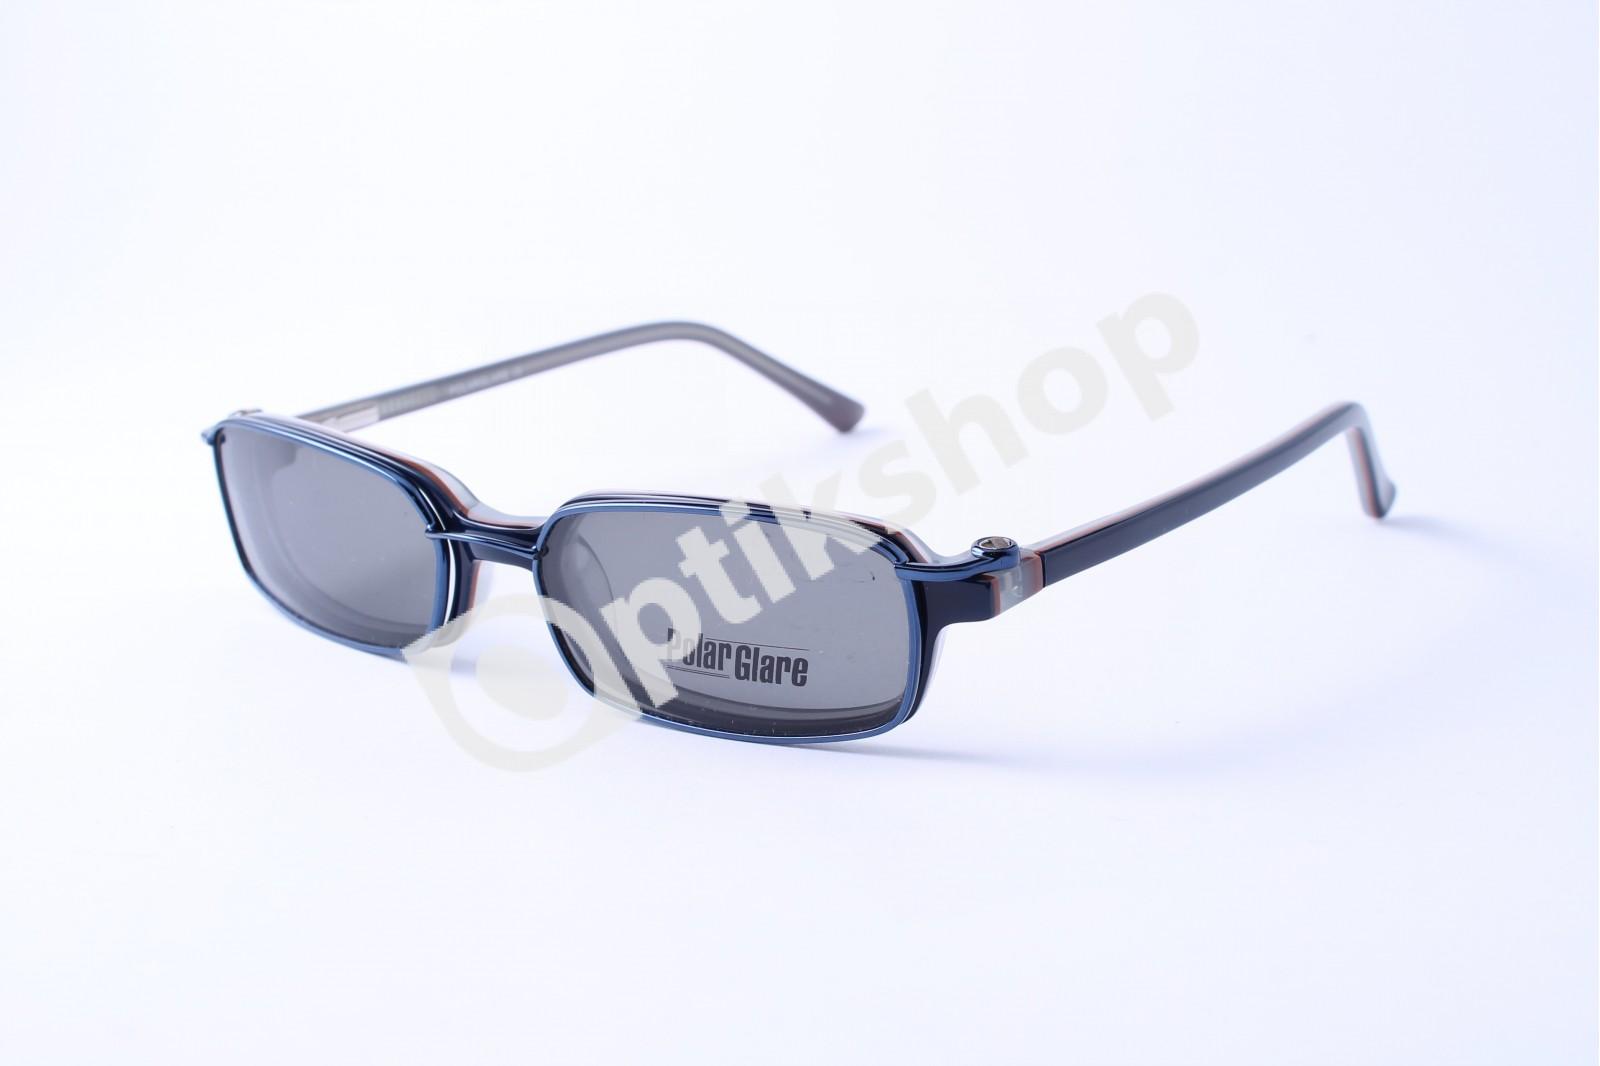 Polar Glare - PG2009a szemüvegkeretek 1e941381af